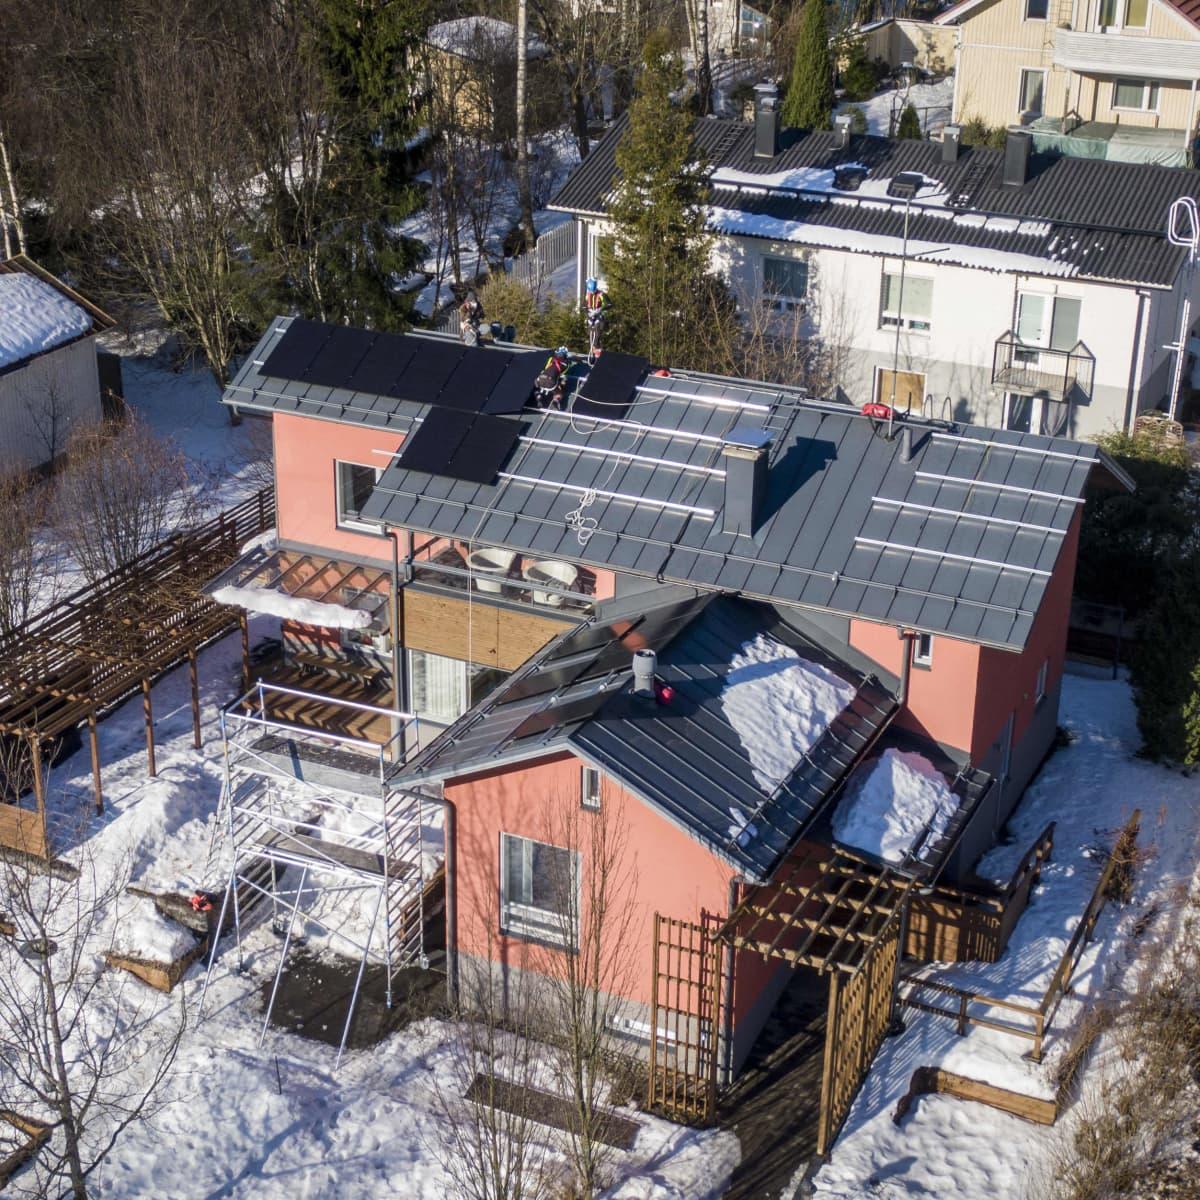 Aurinkopaneeleiden asennusta omakotitalon katolle helsingissä.